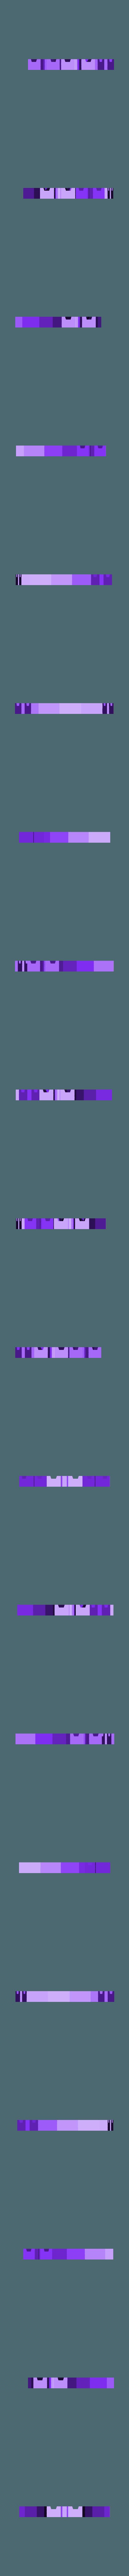 dreierWeiche.stl Télécharger fichier STL gratuit 3x aiguillage pour chemin de fer en bois • Objet à imprimer en 3D, Ludwig-Concerto